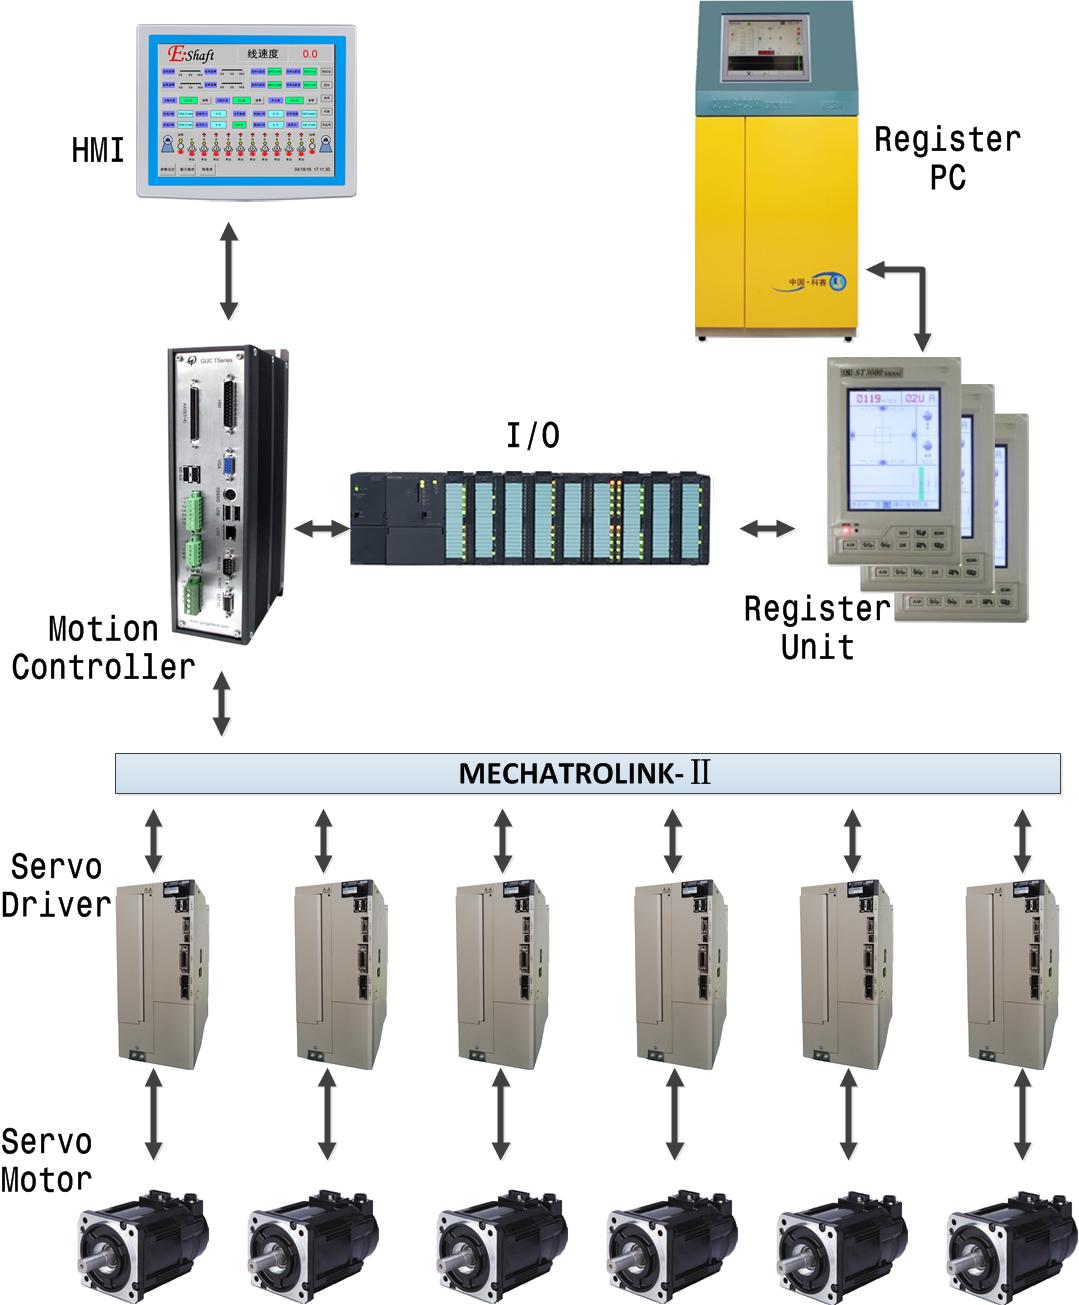 (英文)电子轴结构图-3000-人机带画面.png